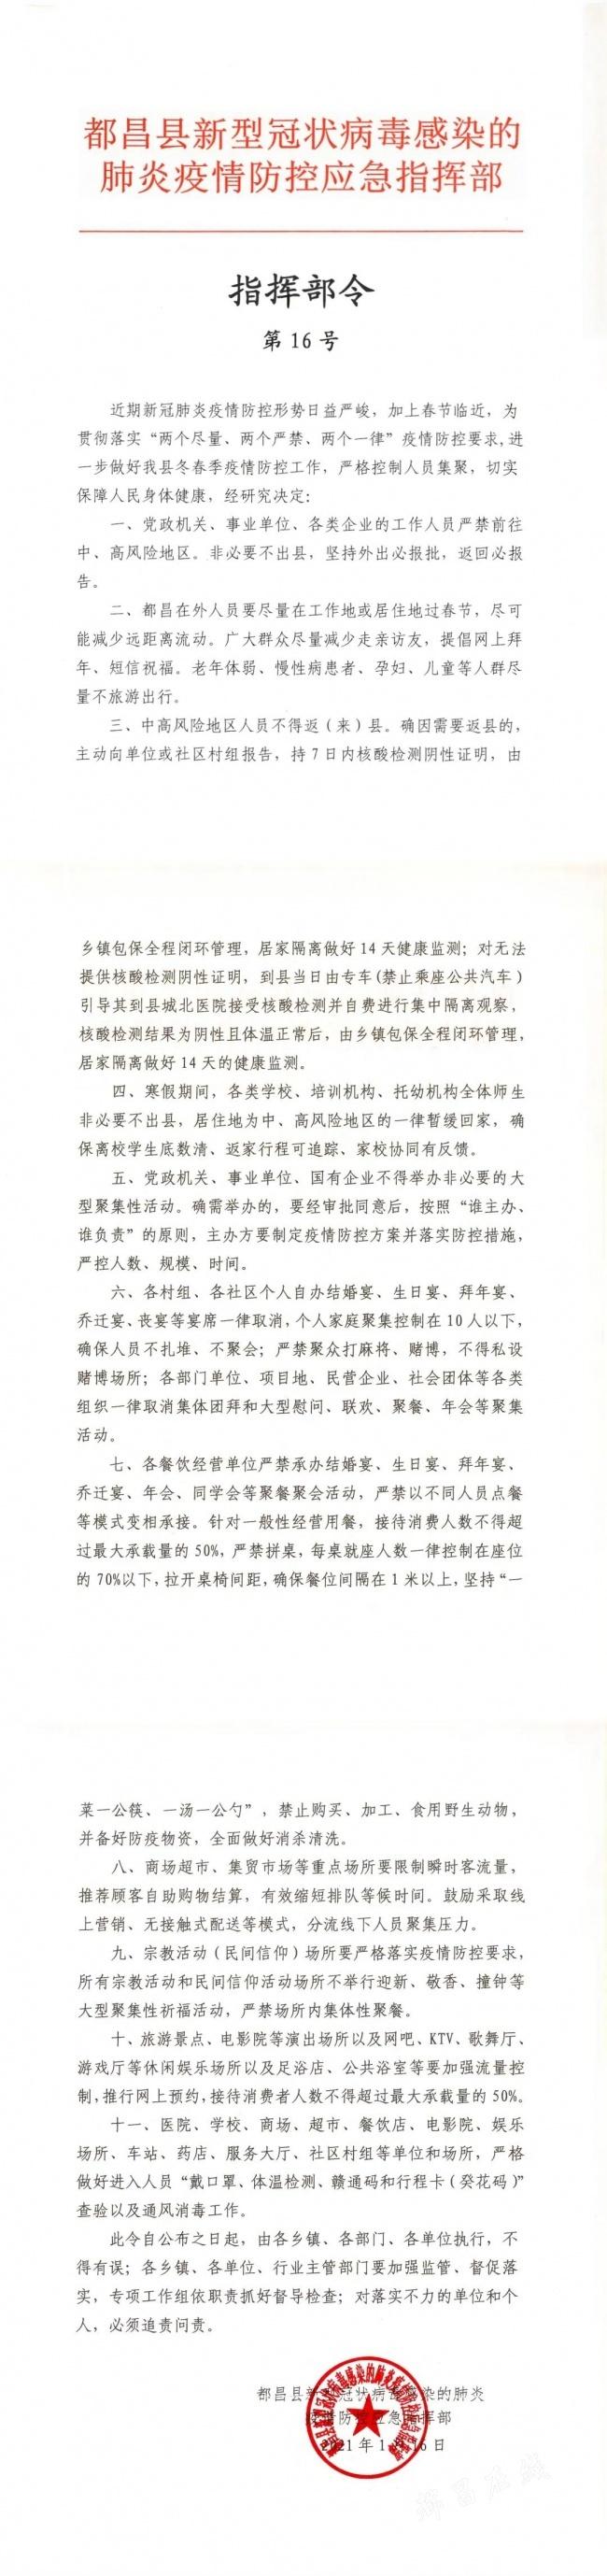 都昌县发布第16